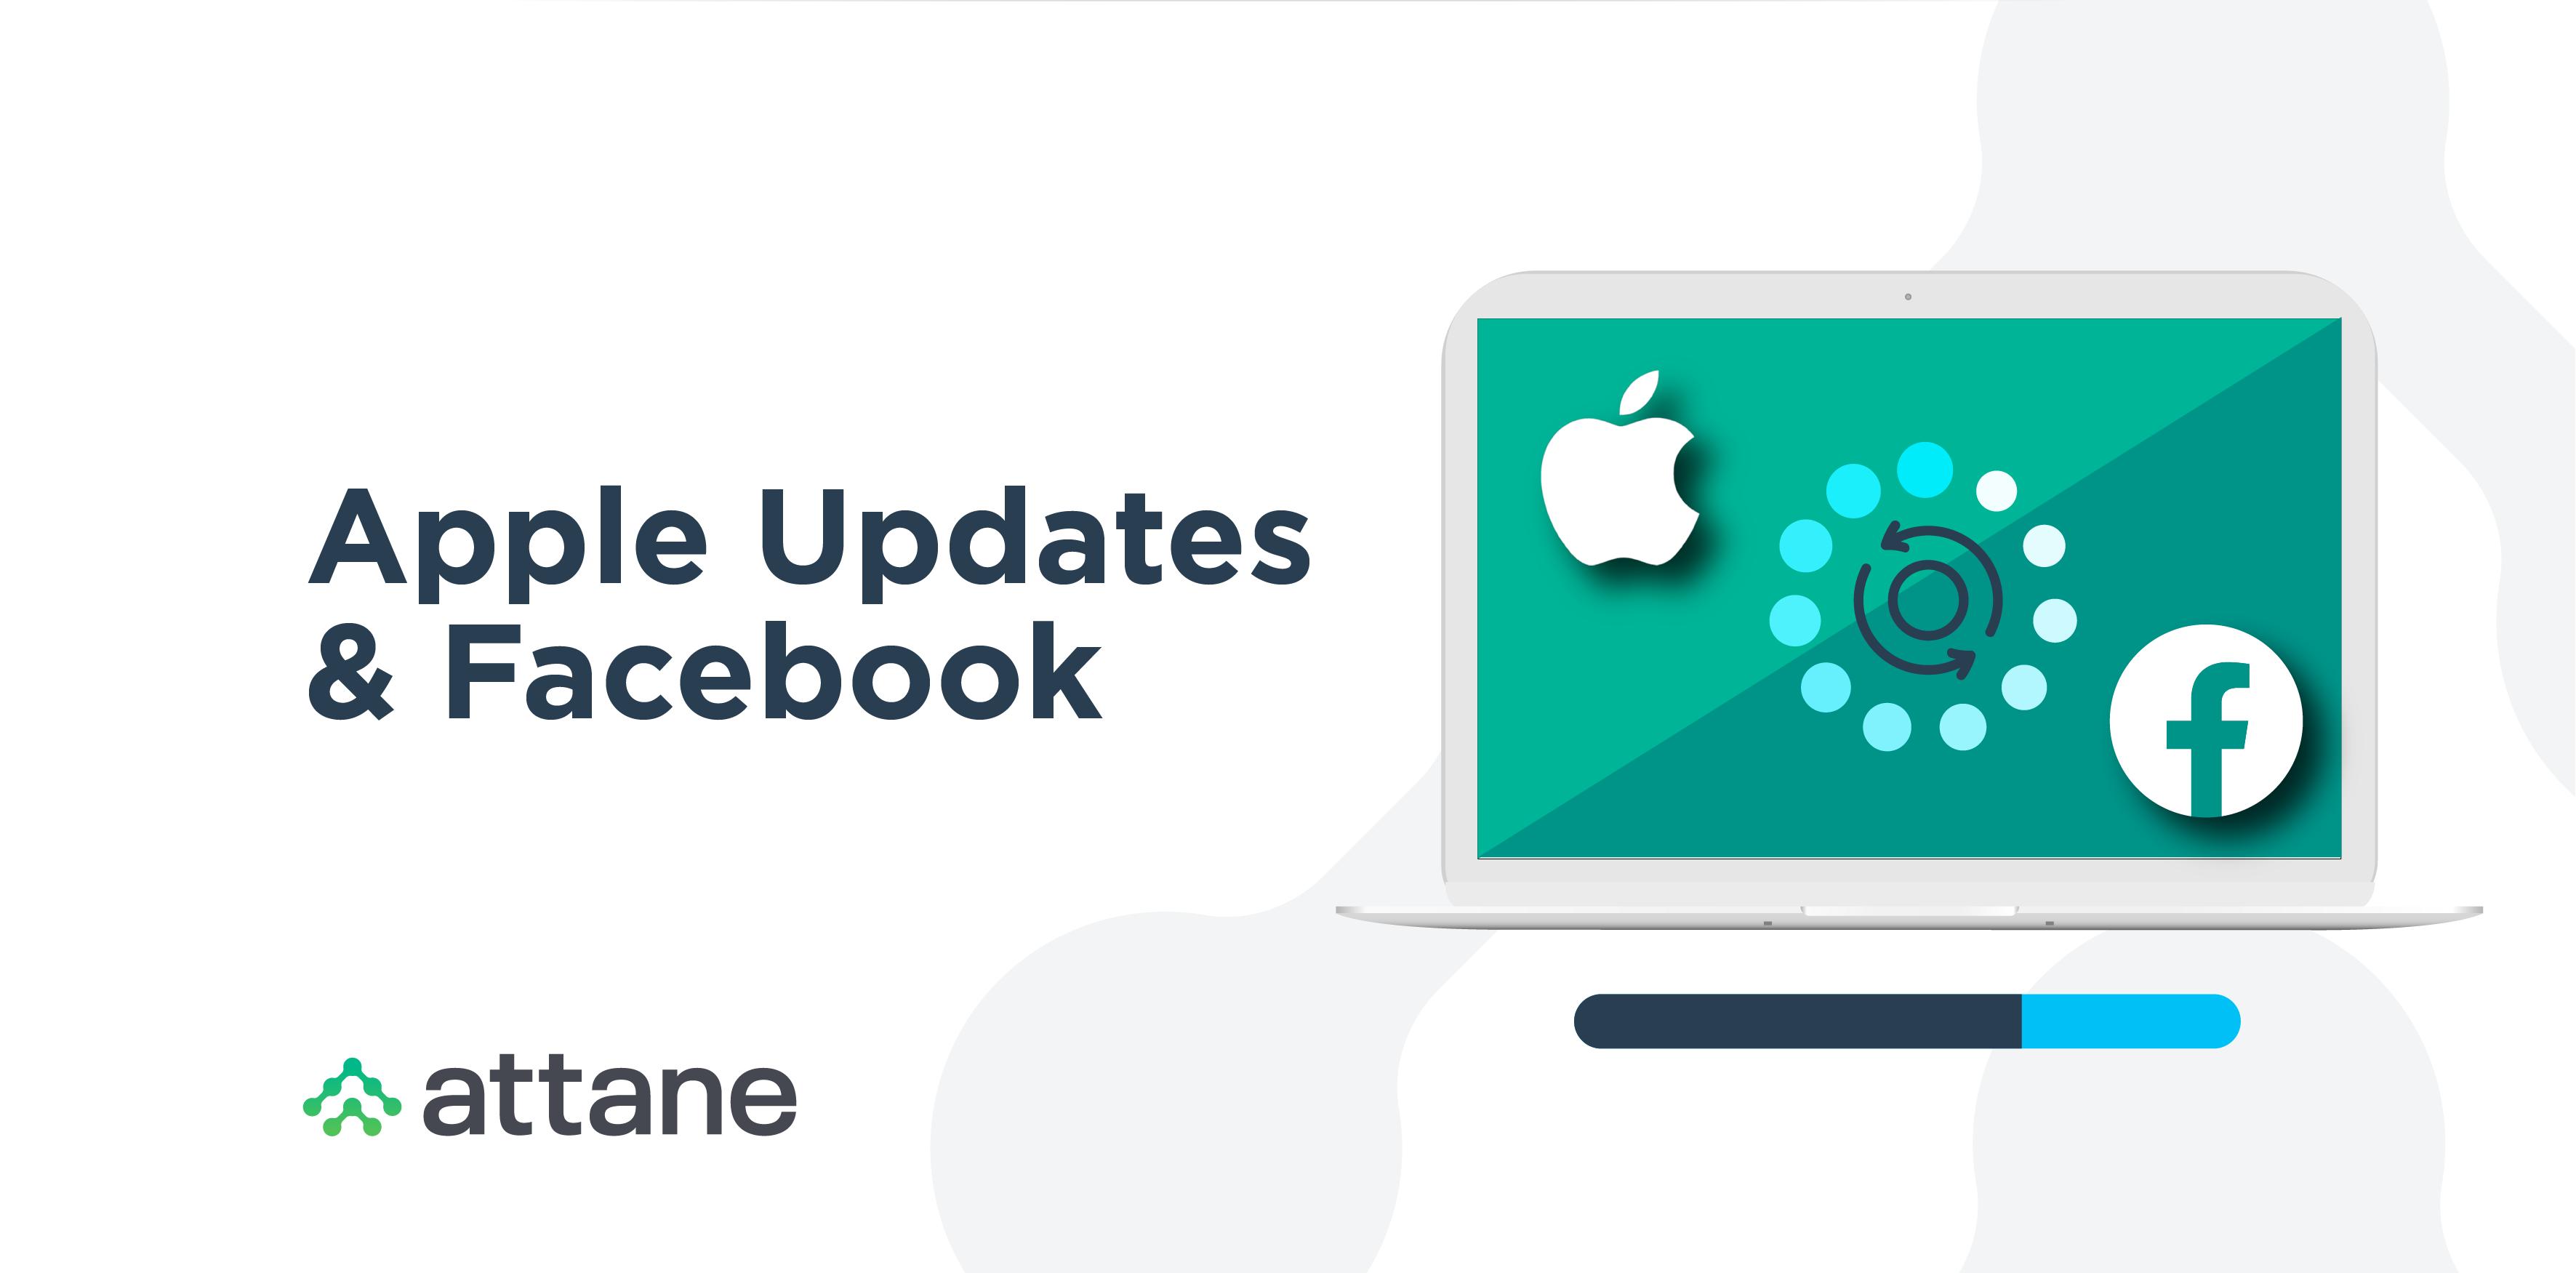 Apple Updates Are Impacting Facebook Advertising